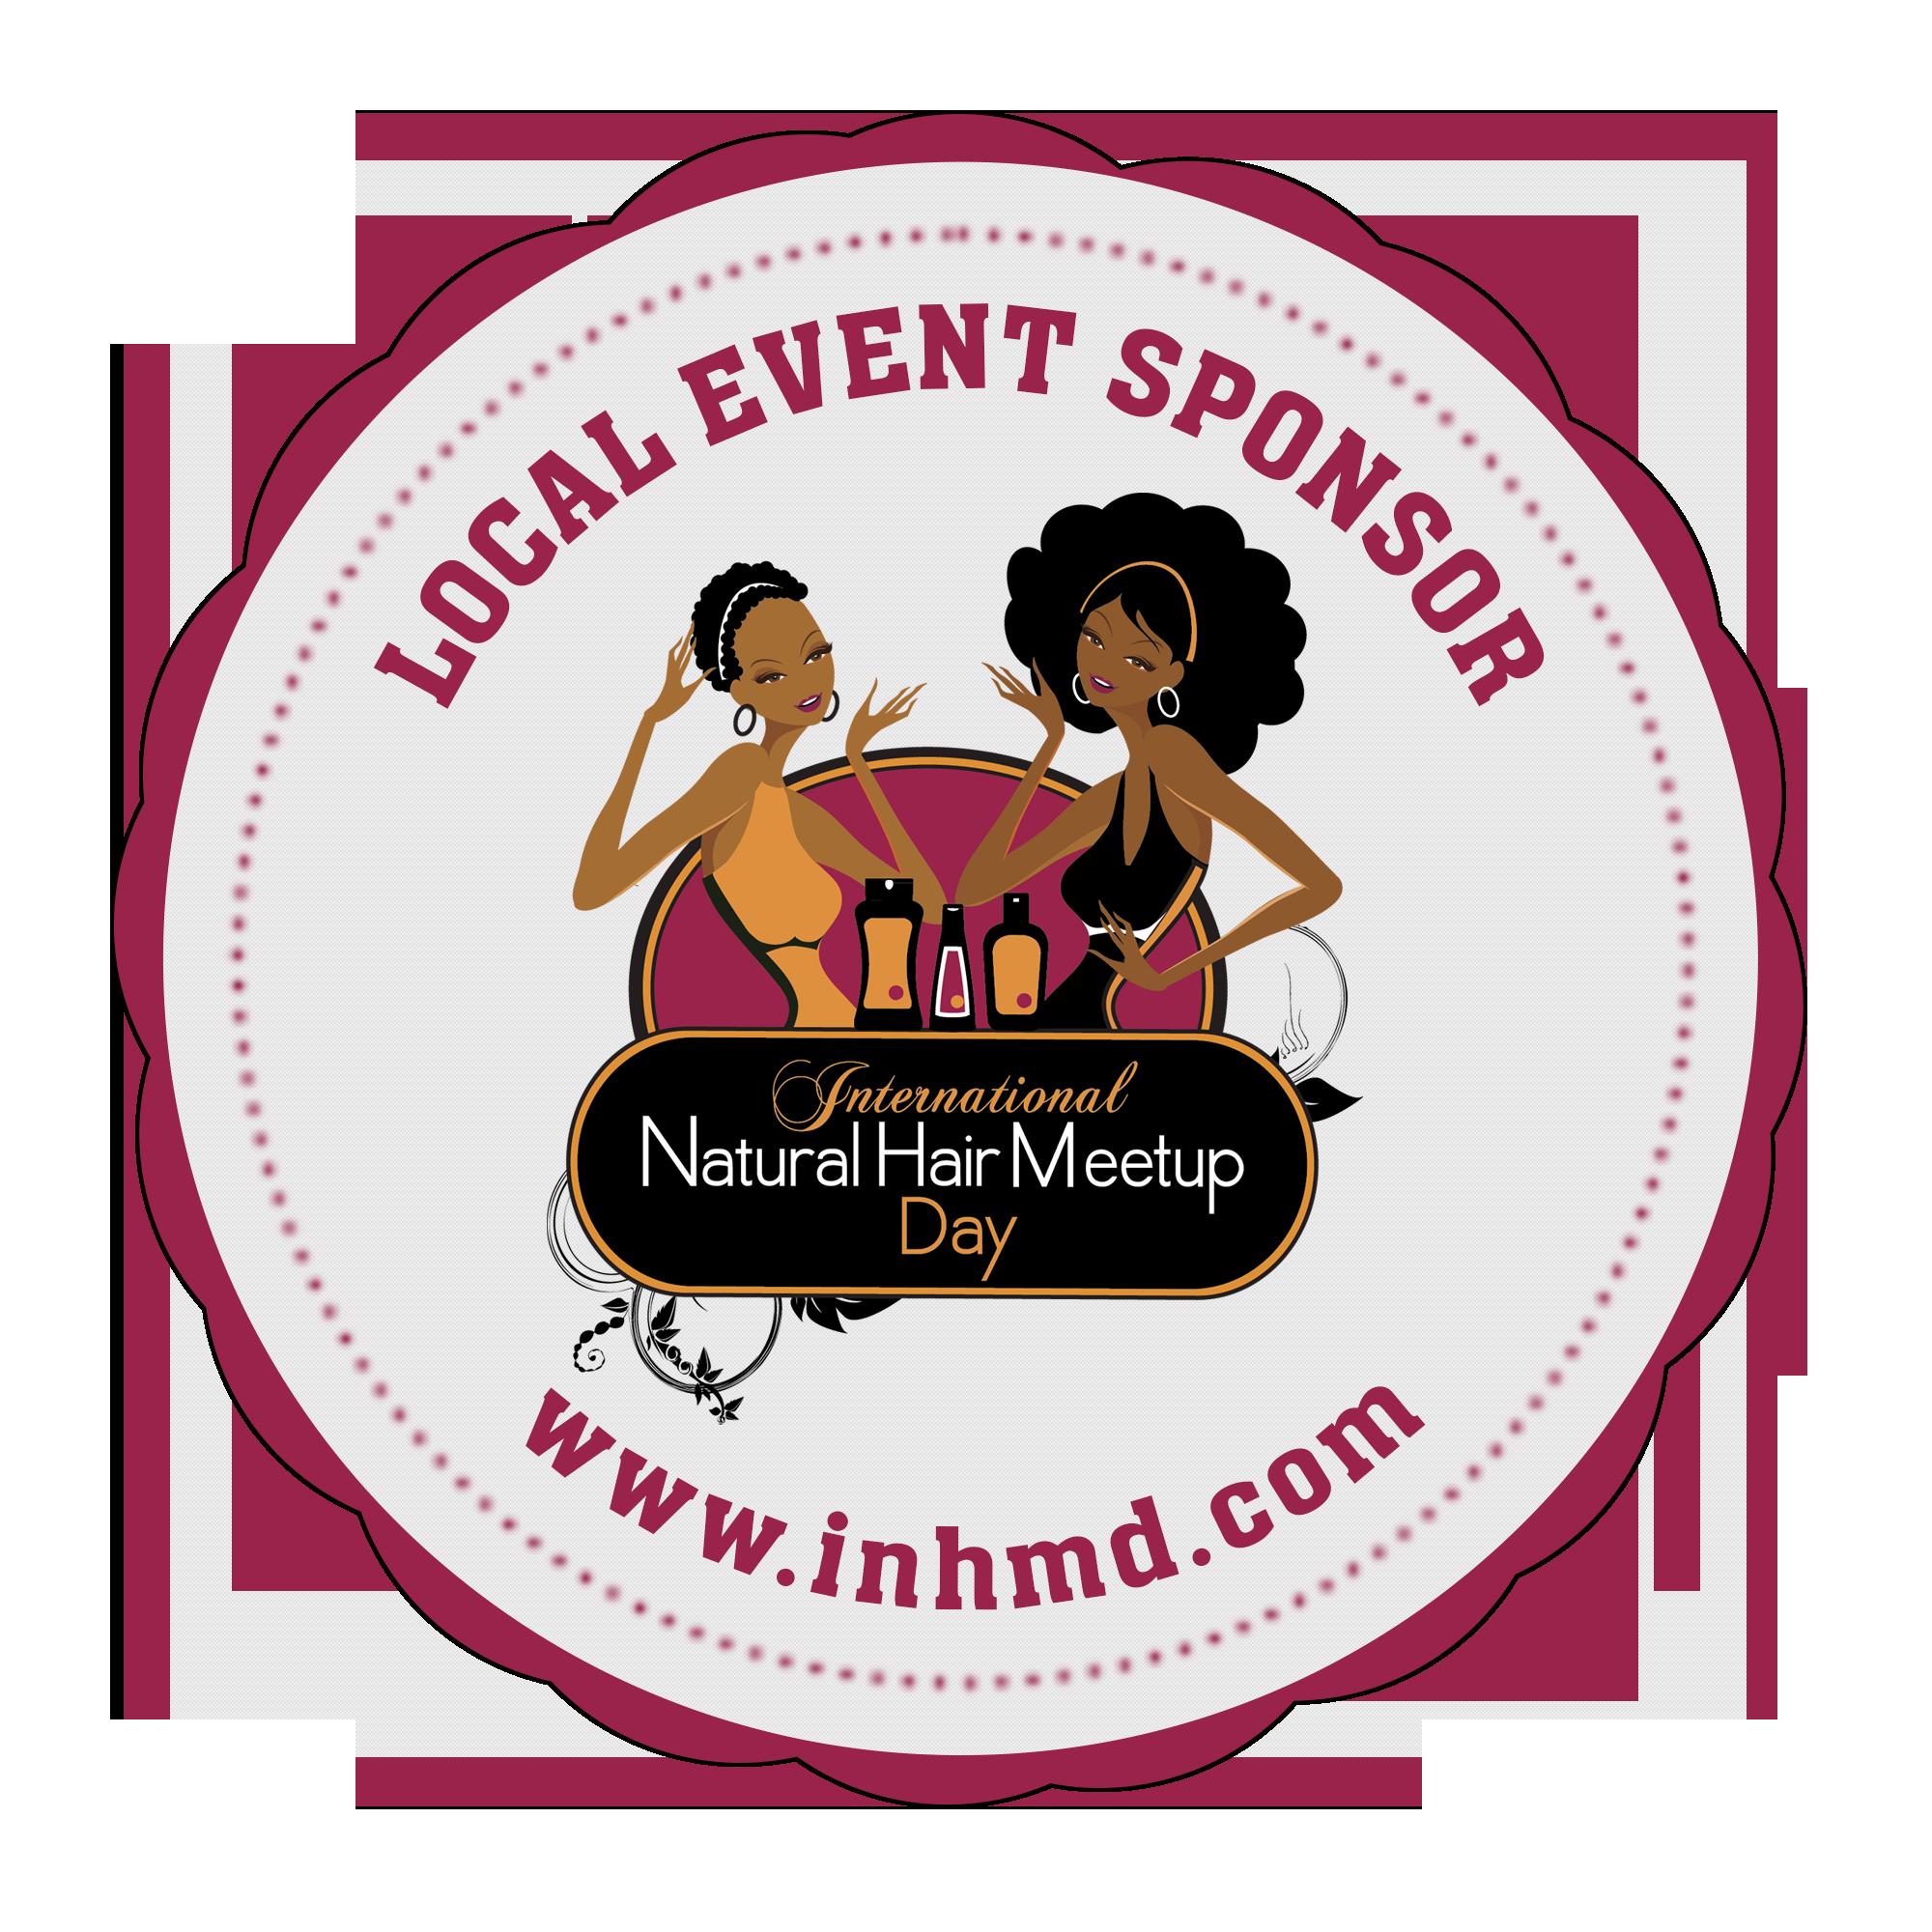 Local Event Sponsor